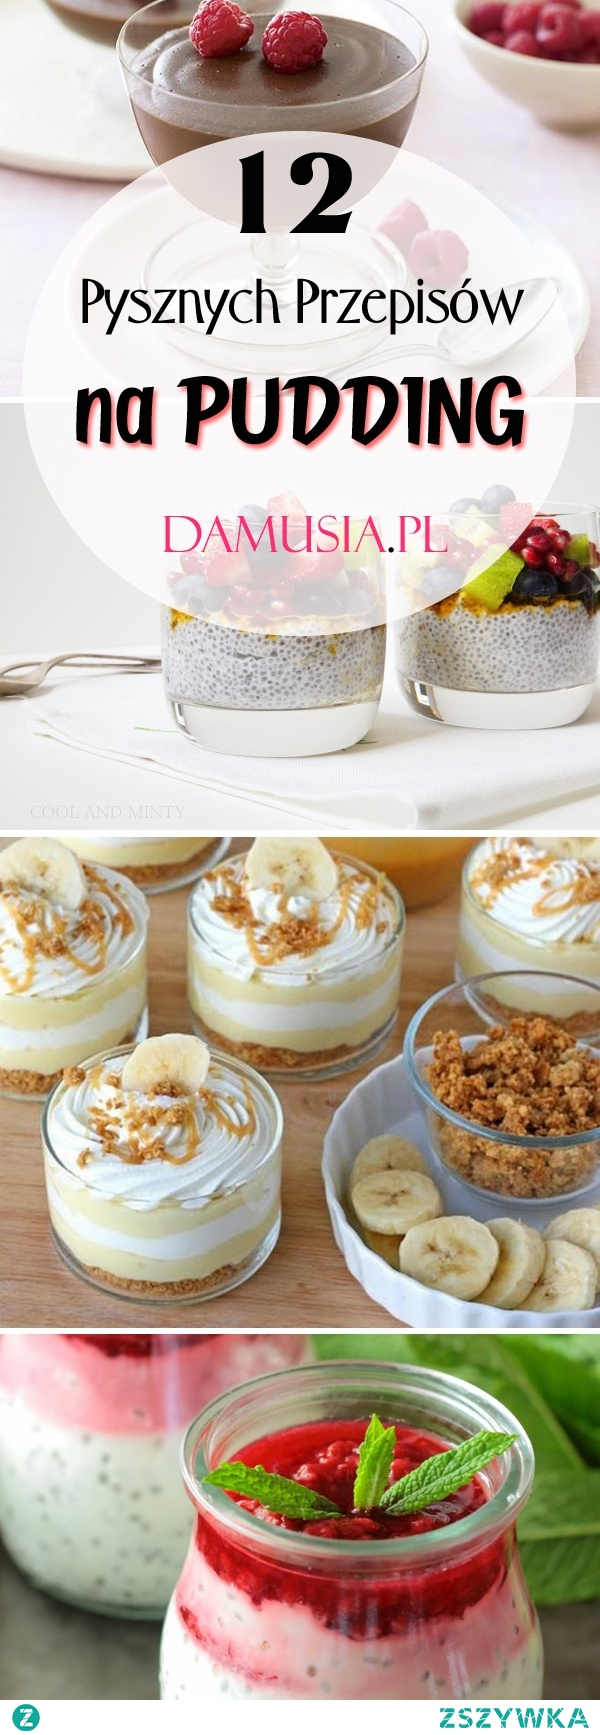 12 Pysznych Przepisów na Pudding